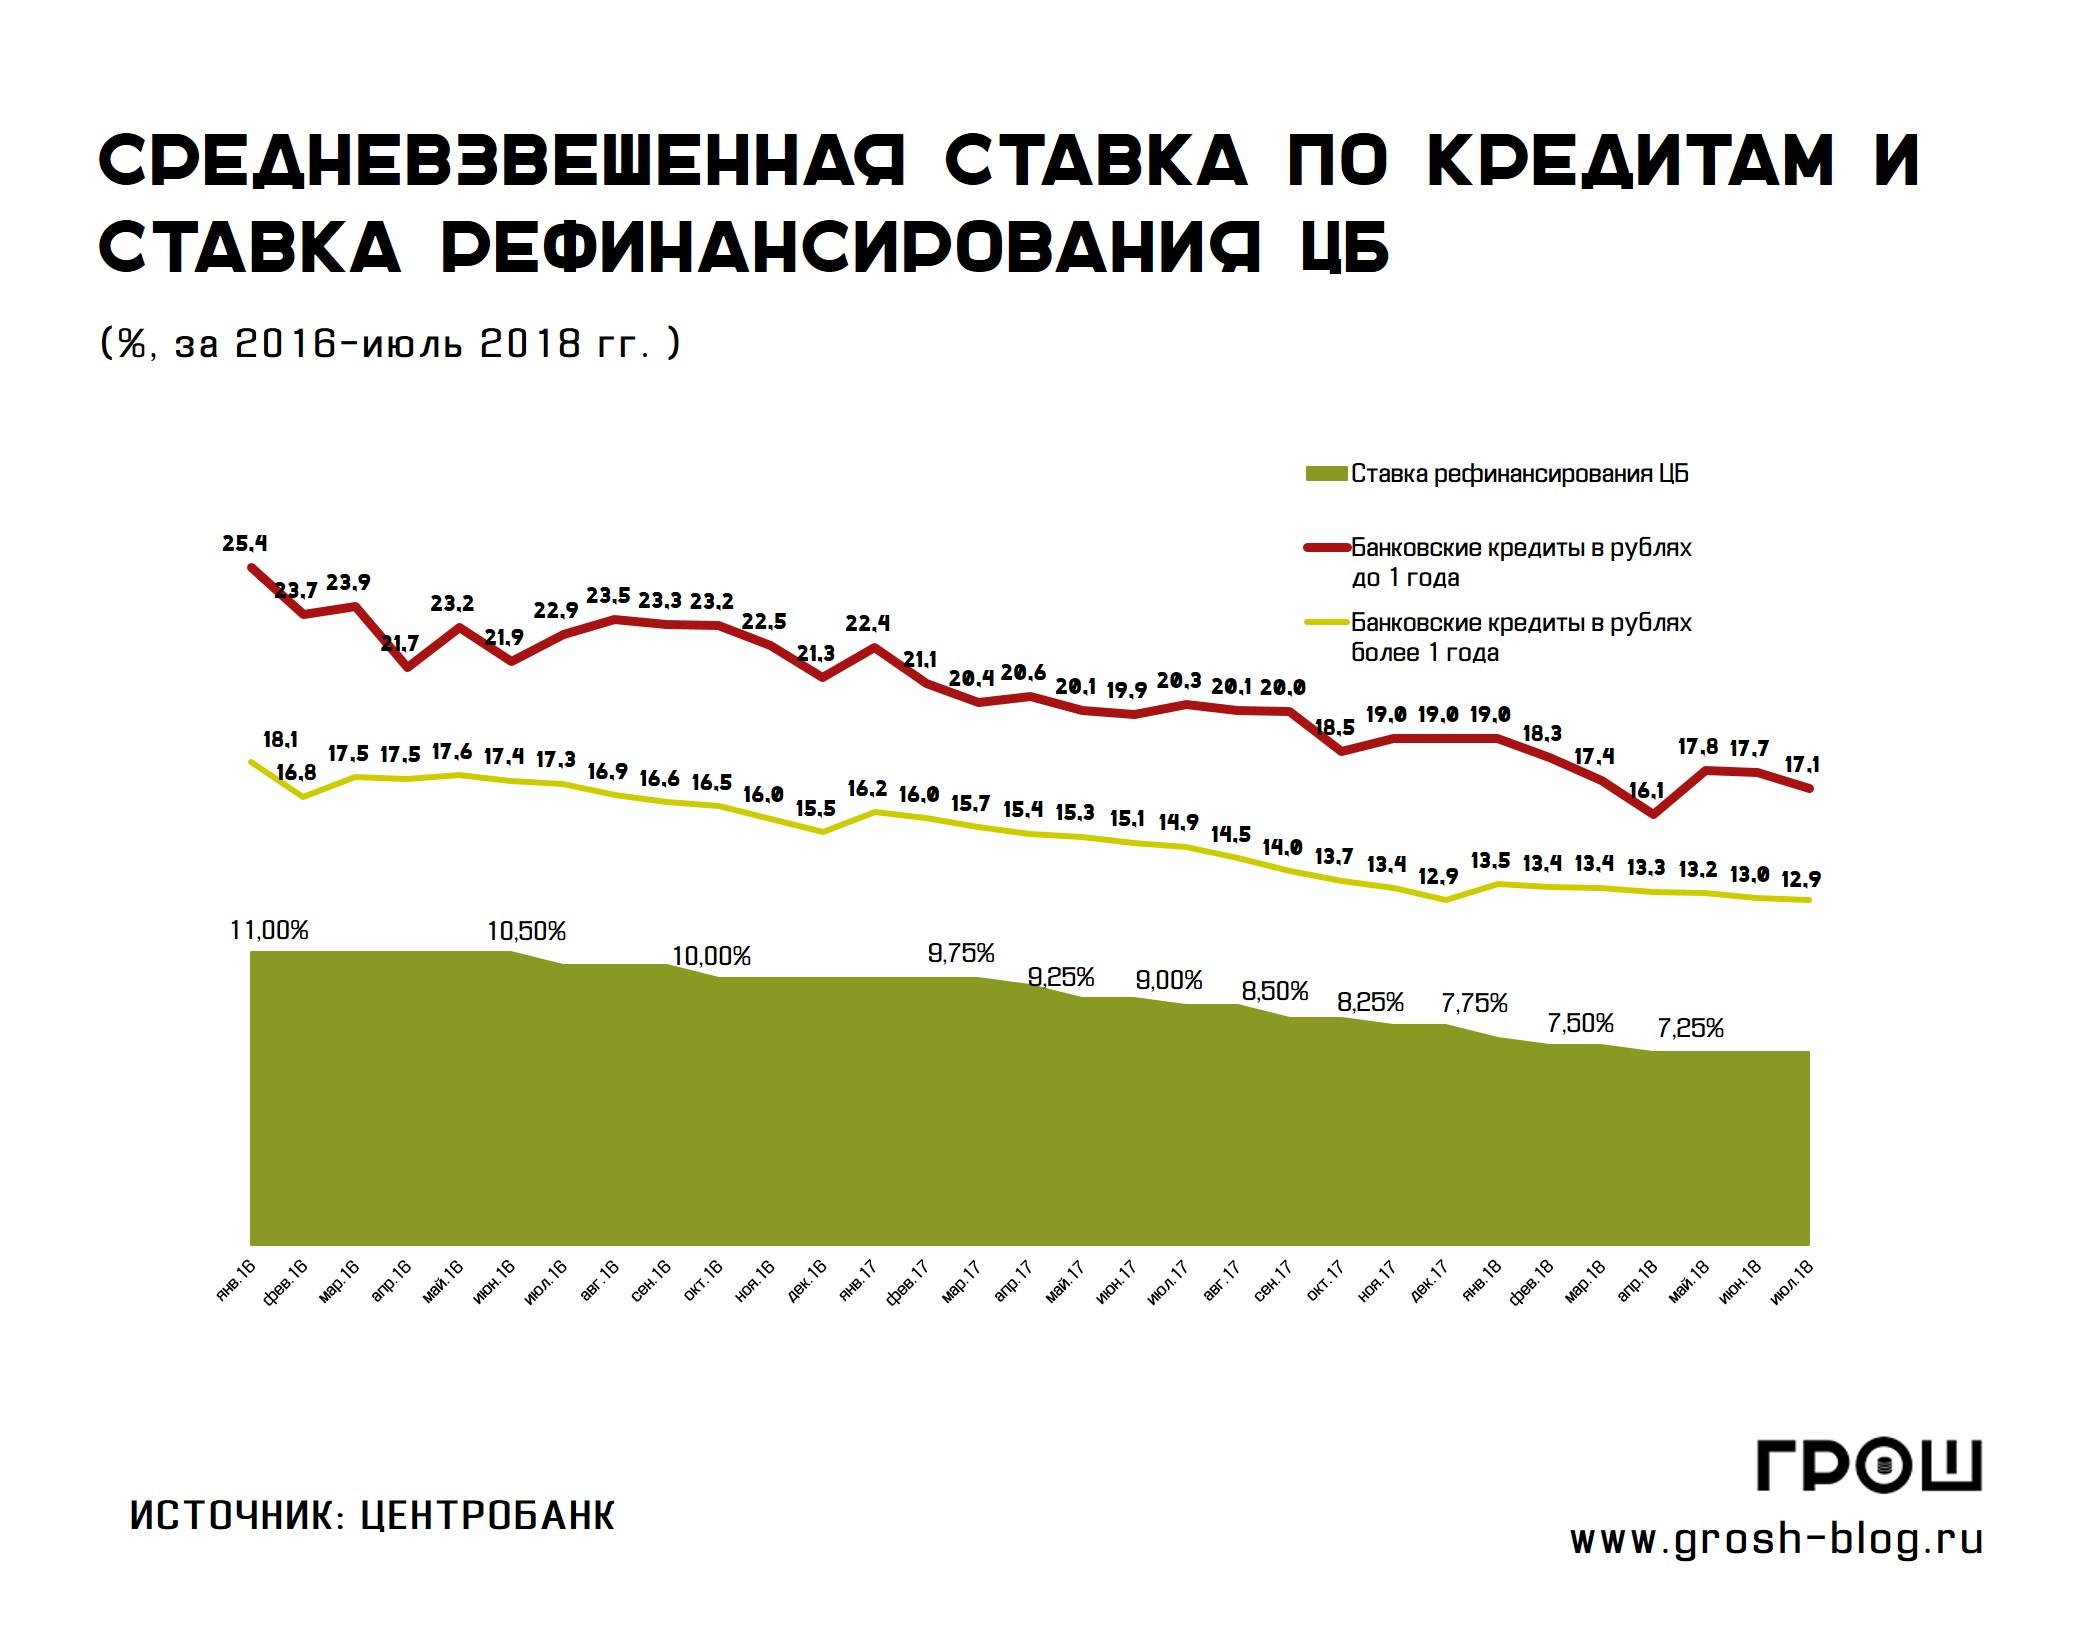 Ставка рефинансирования ЦБ РФ в у